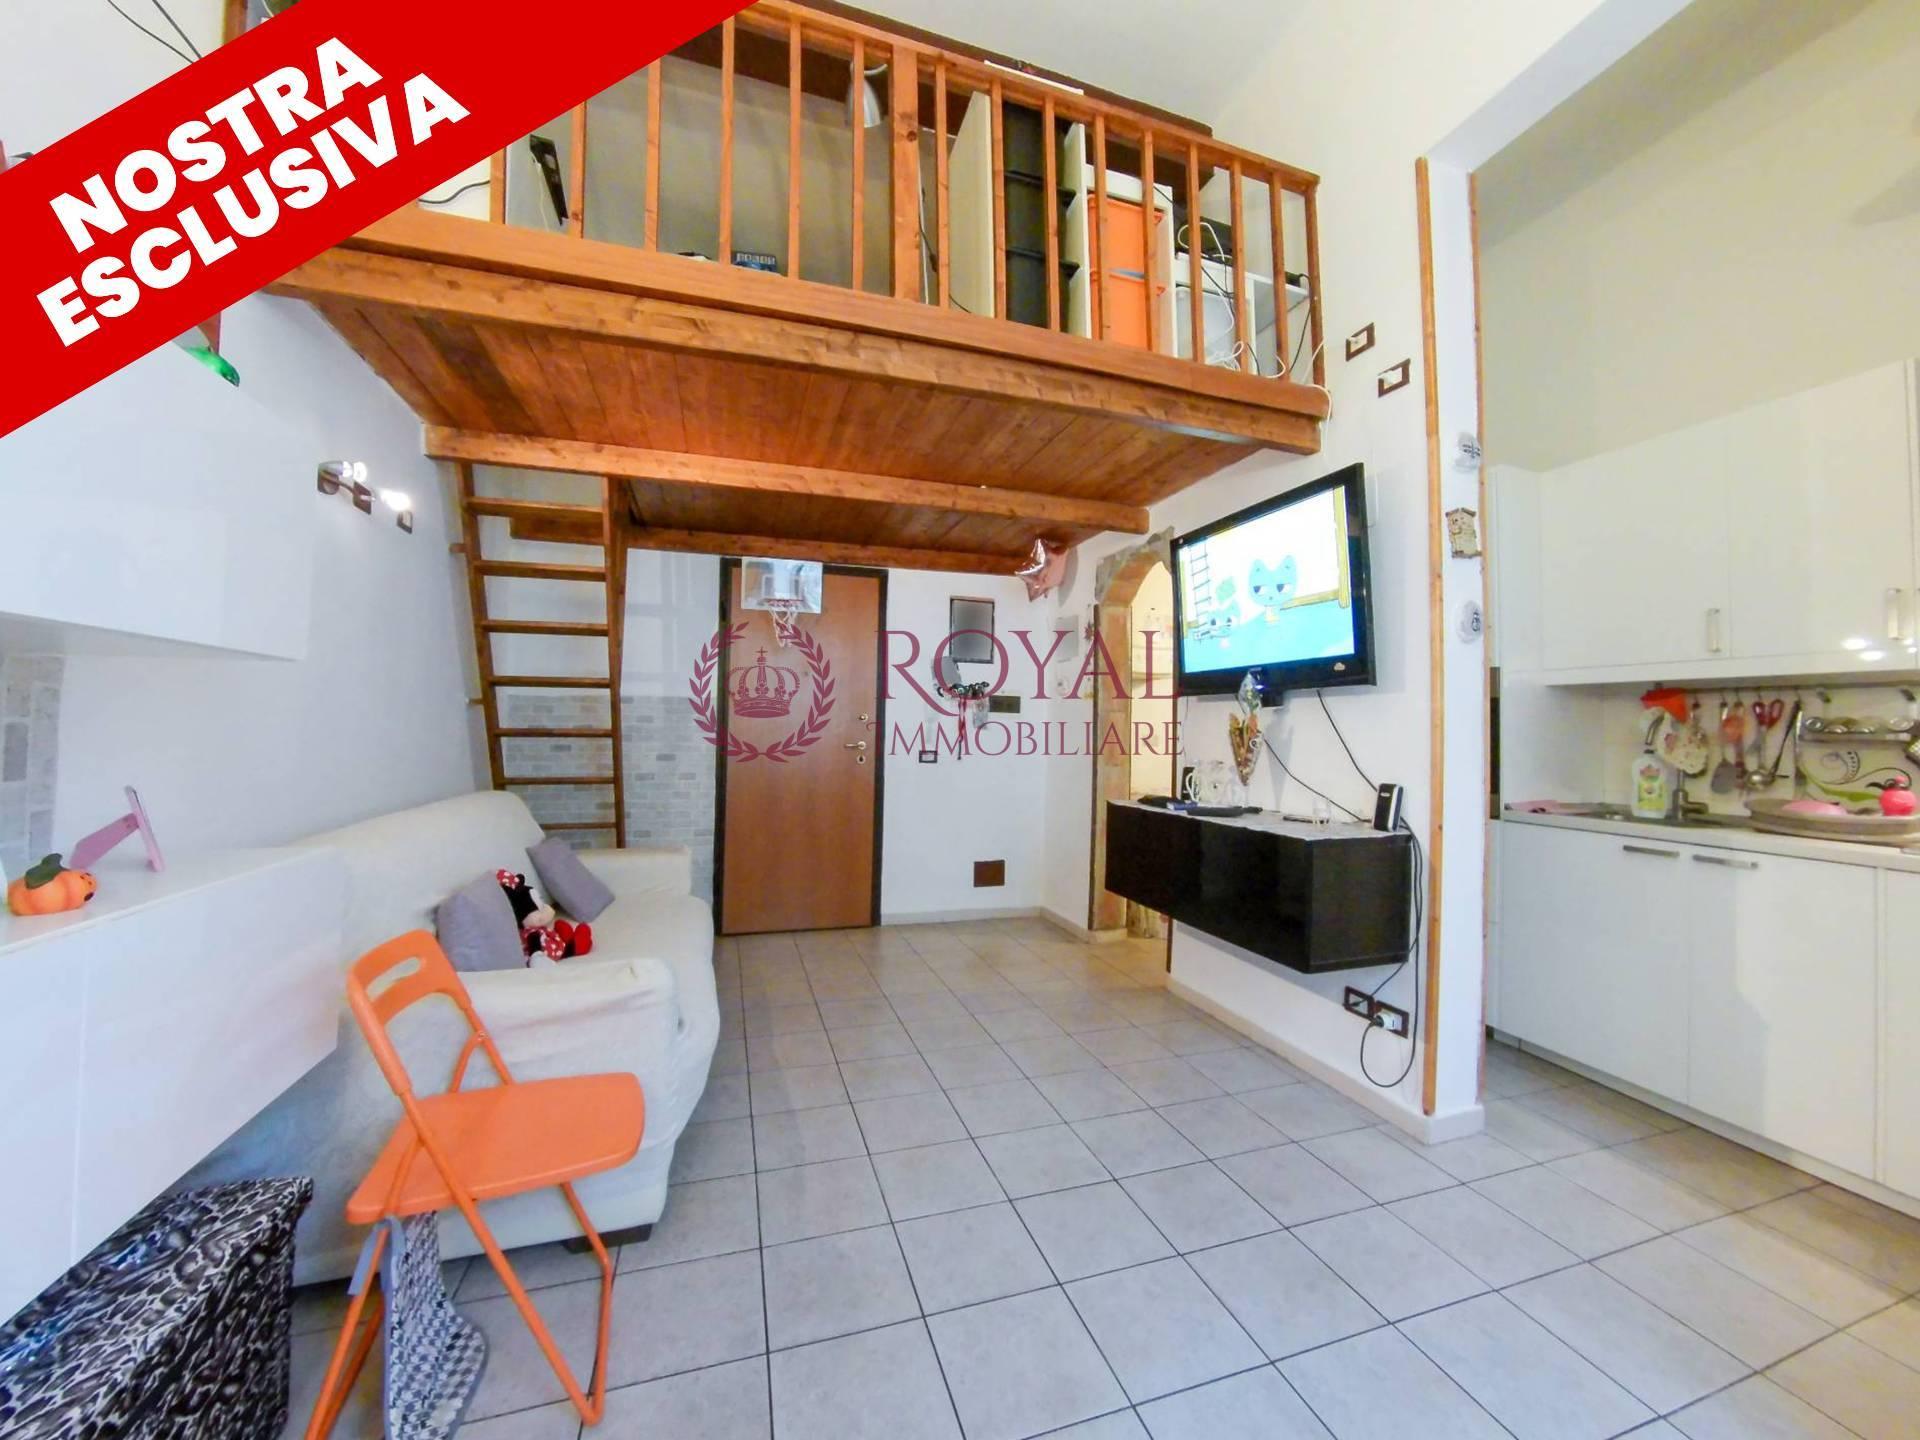 livorno vendita quart: centro royal immobiliare professional s.a.s.